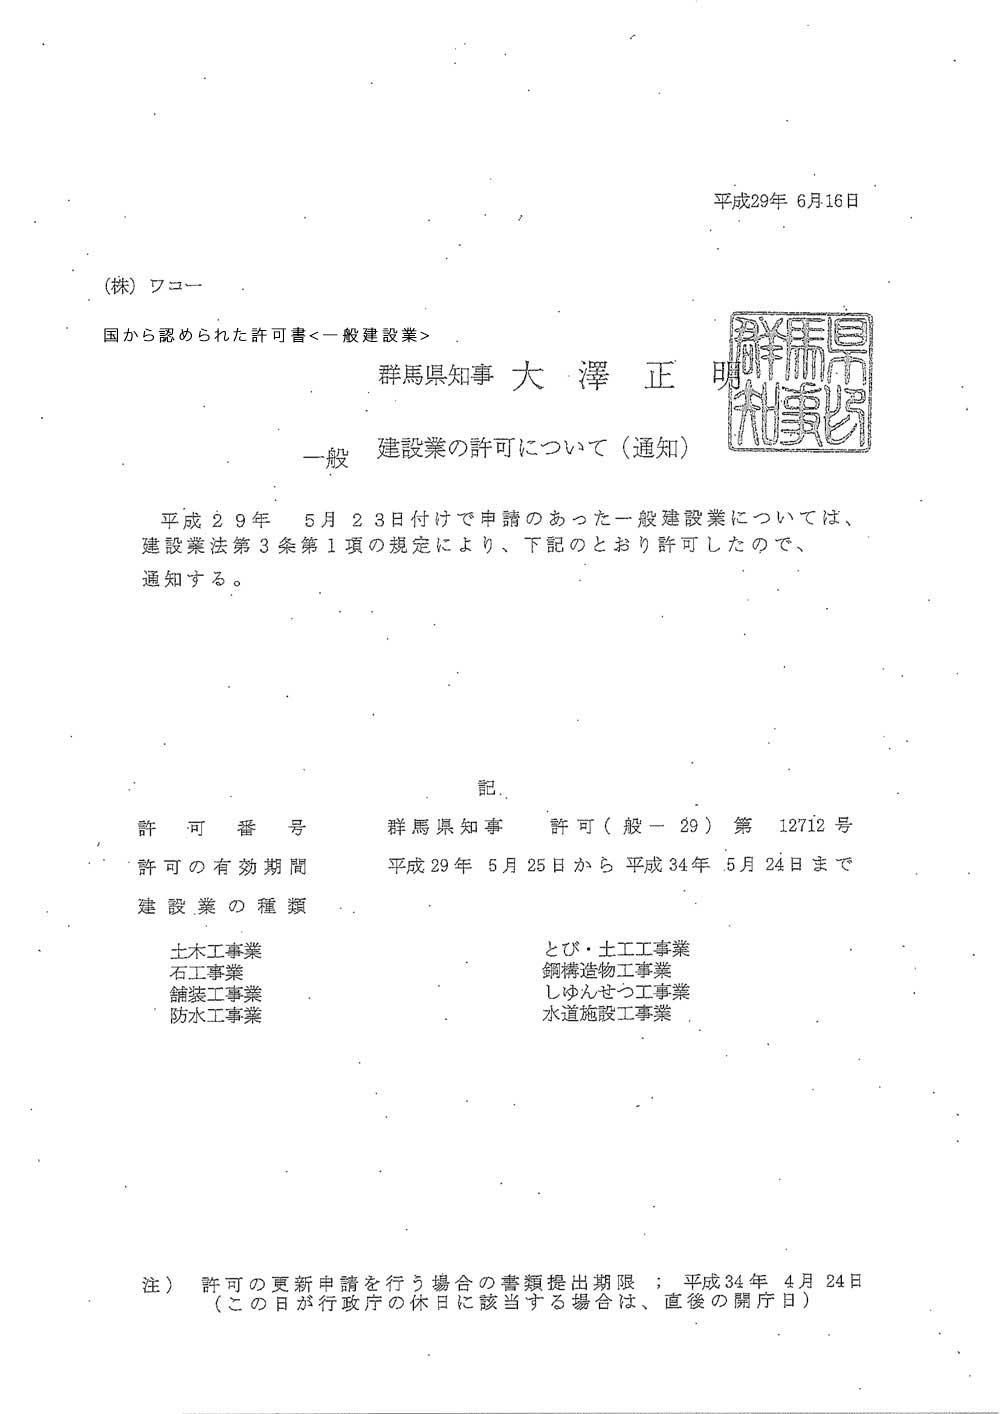 国から認められた許可書<一般建設業>